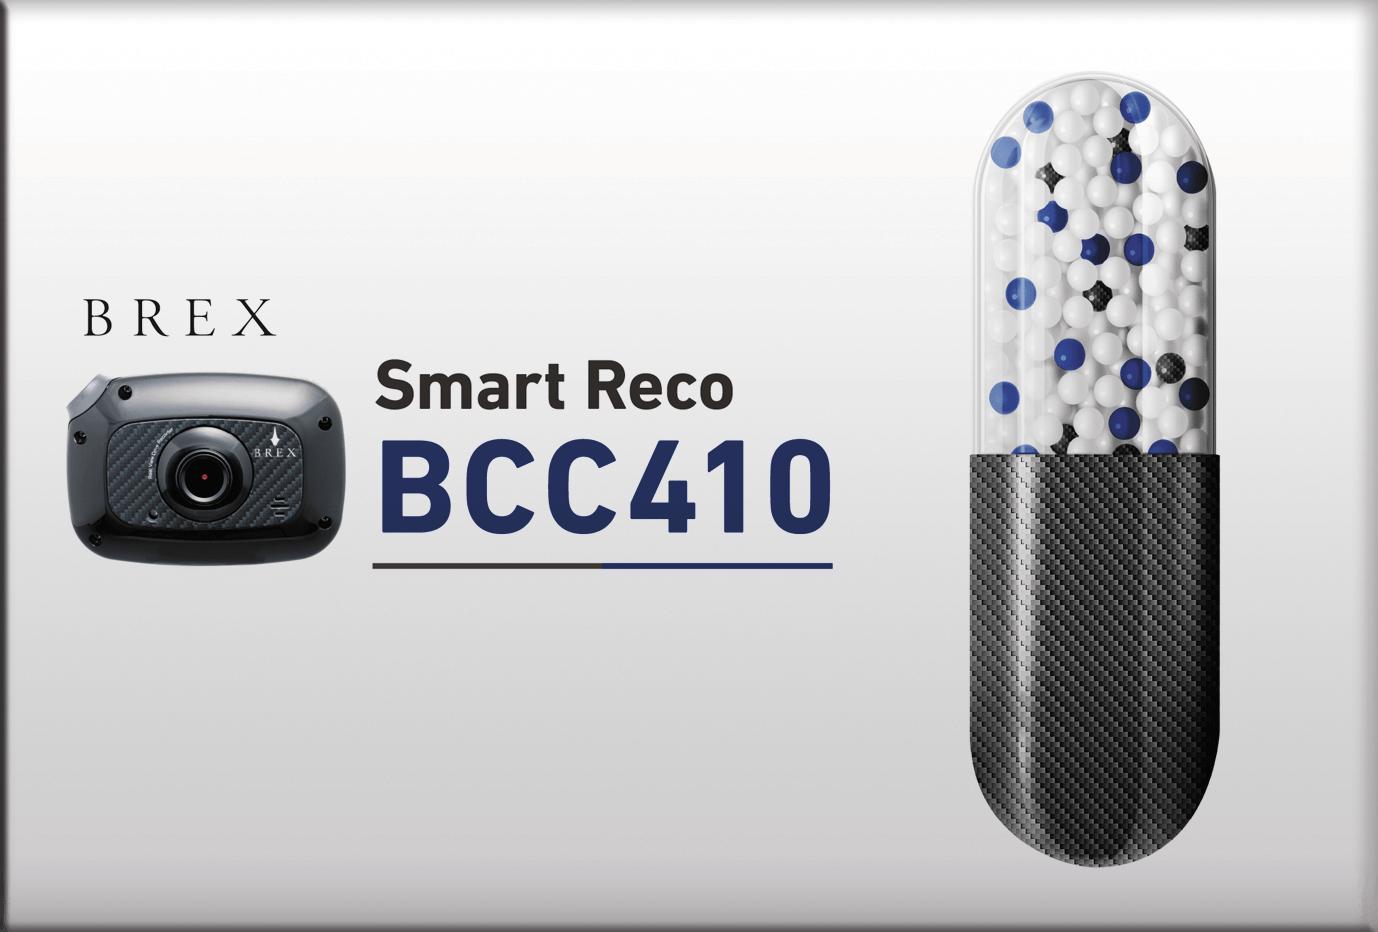 話題の駐車監視モード付きBREXドライブレコーダー「Smart Reco BCC410」の気になるバッテリー電源遮断設定について調べてみました^^